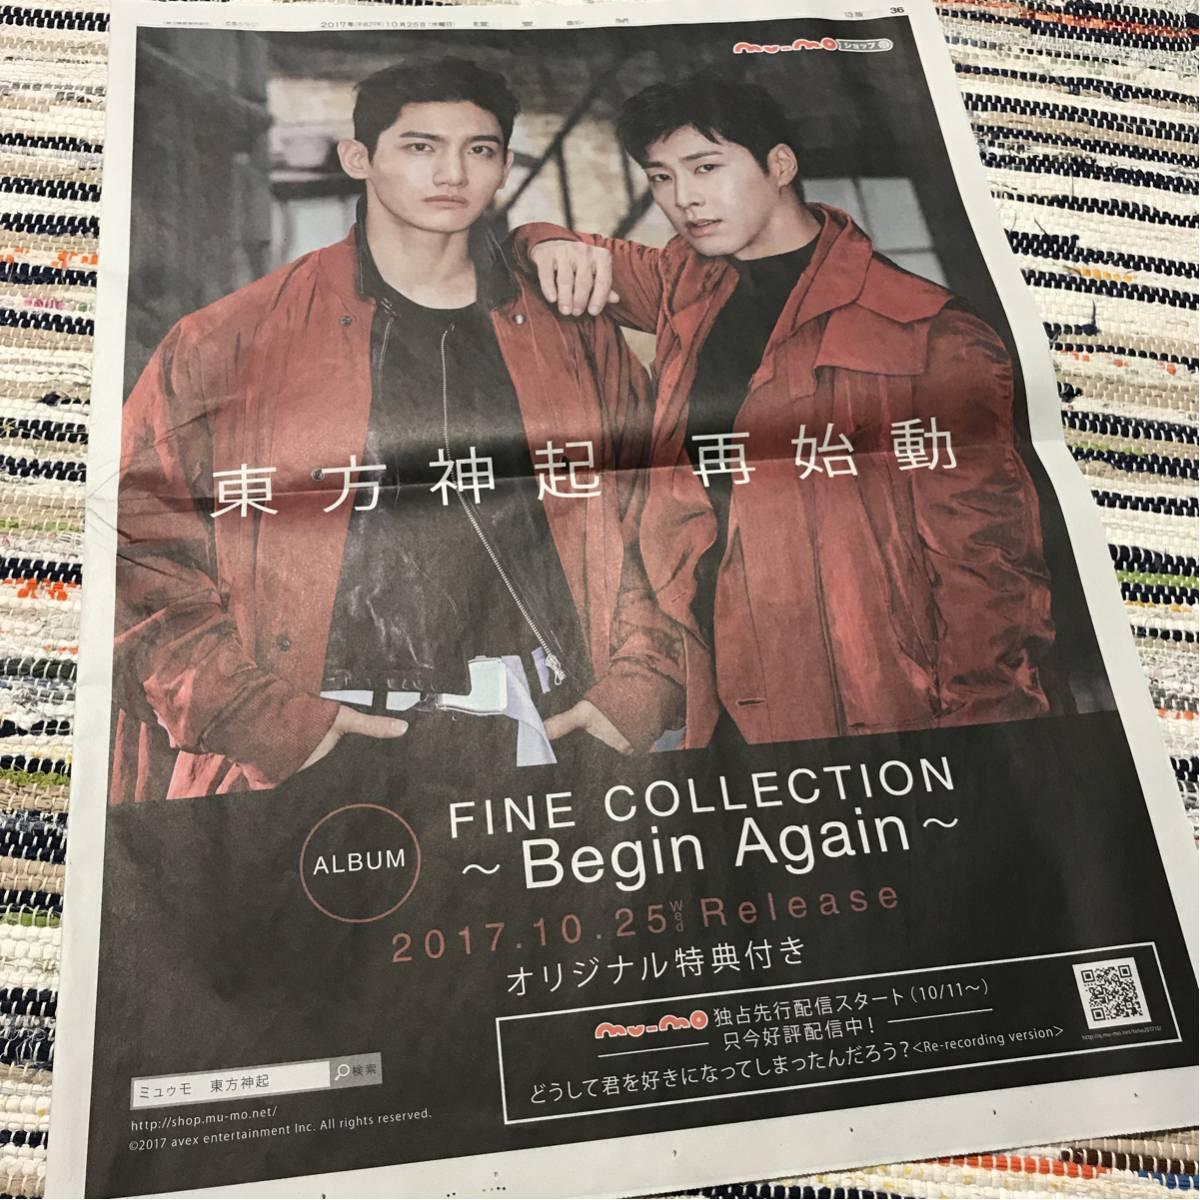 東方神起/読売新聞広告/ユンホ チャンミン/FINE COLLECTION~Begin Again~